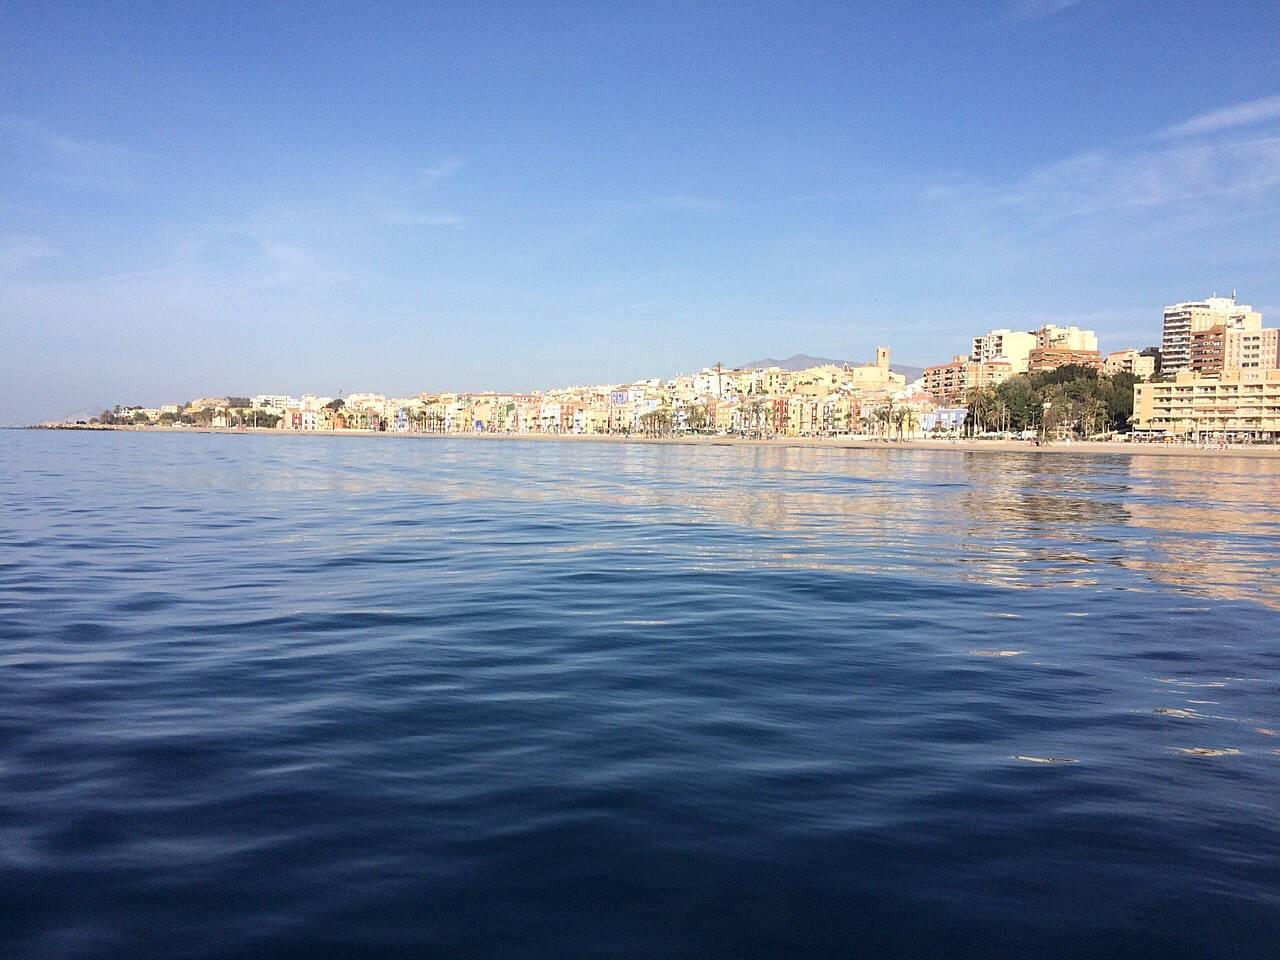 Apartamento en alquiler a 50 m de la playa la villajoyosa vila joiosa alicante costa blanca - Apartamentos alicante alquiler ...